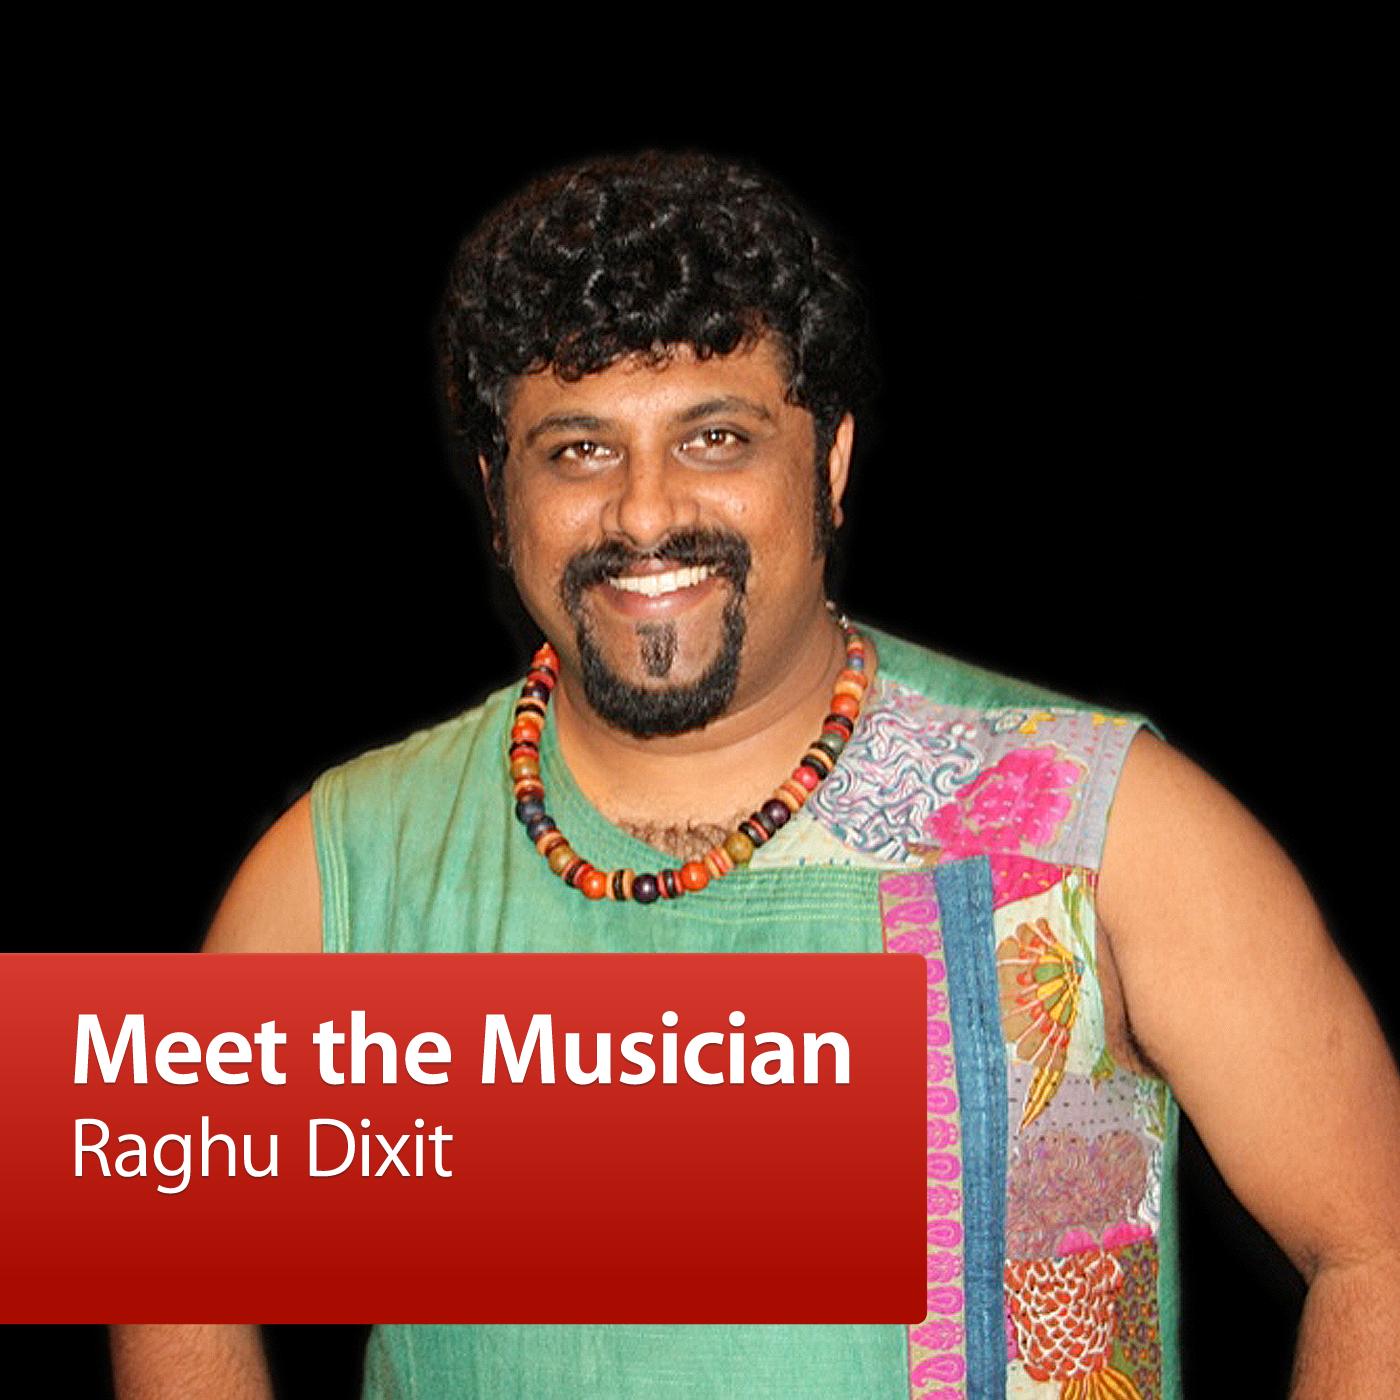 Raghu Dixit: Meet the Musician